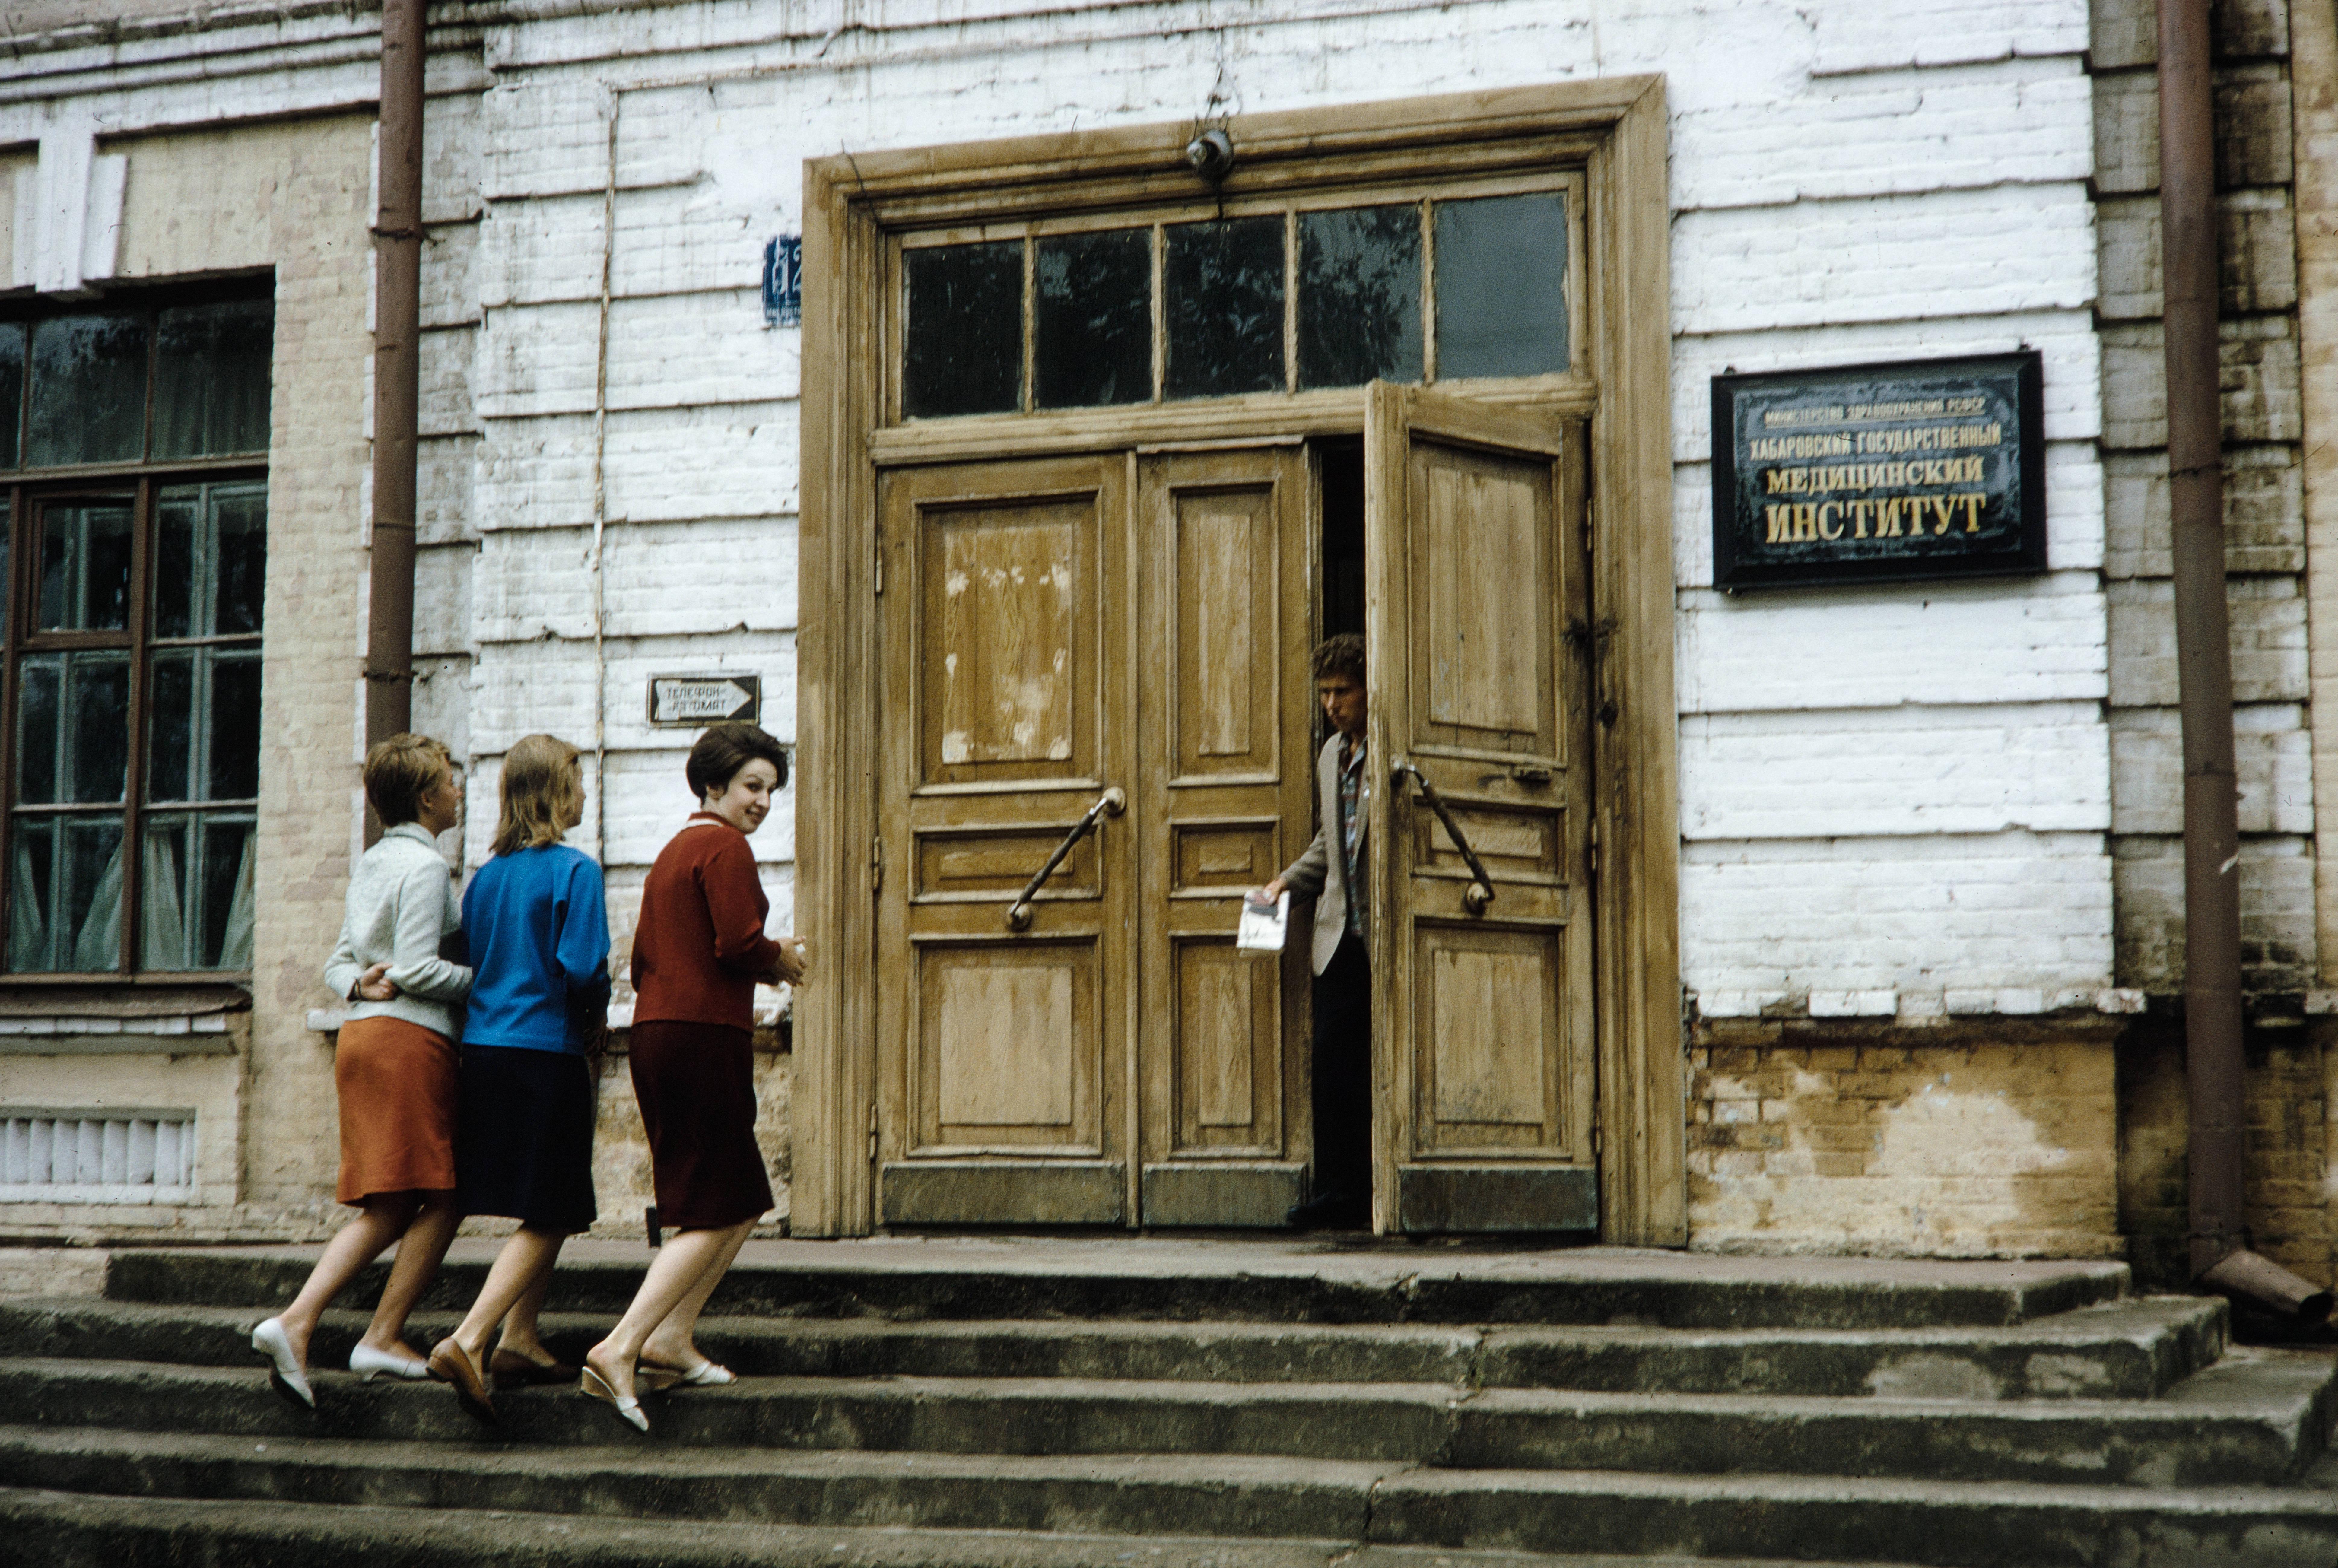 Дальневосточный государственный медицинский университет. Вход